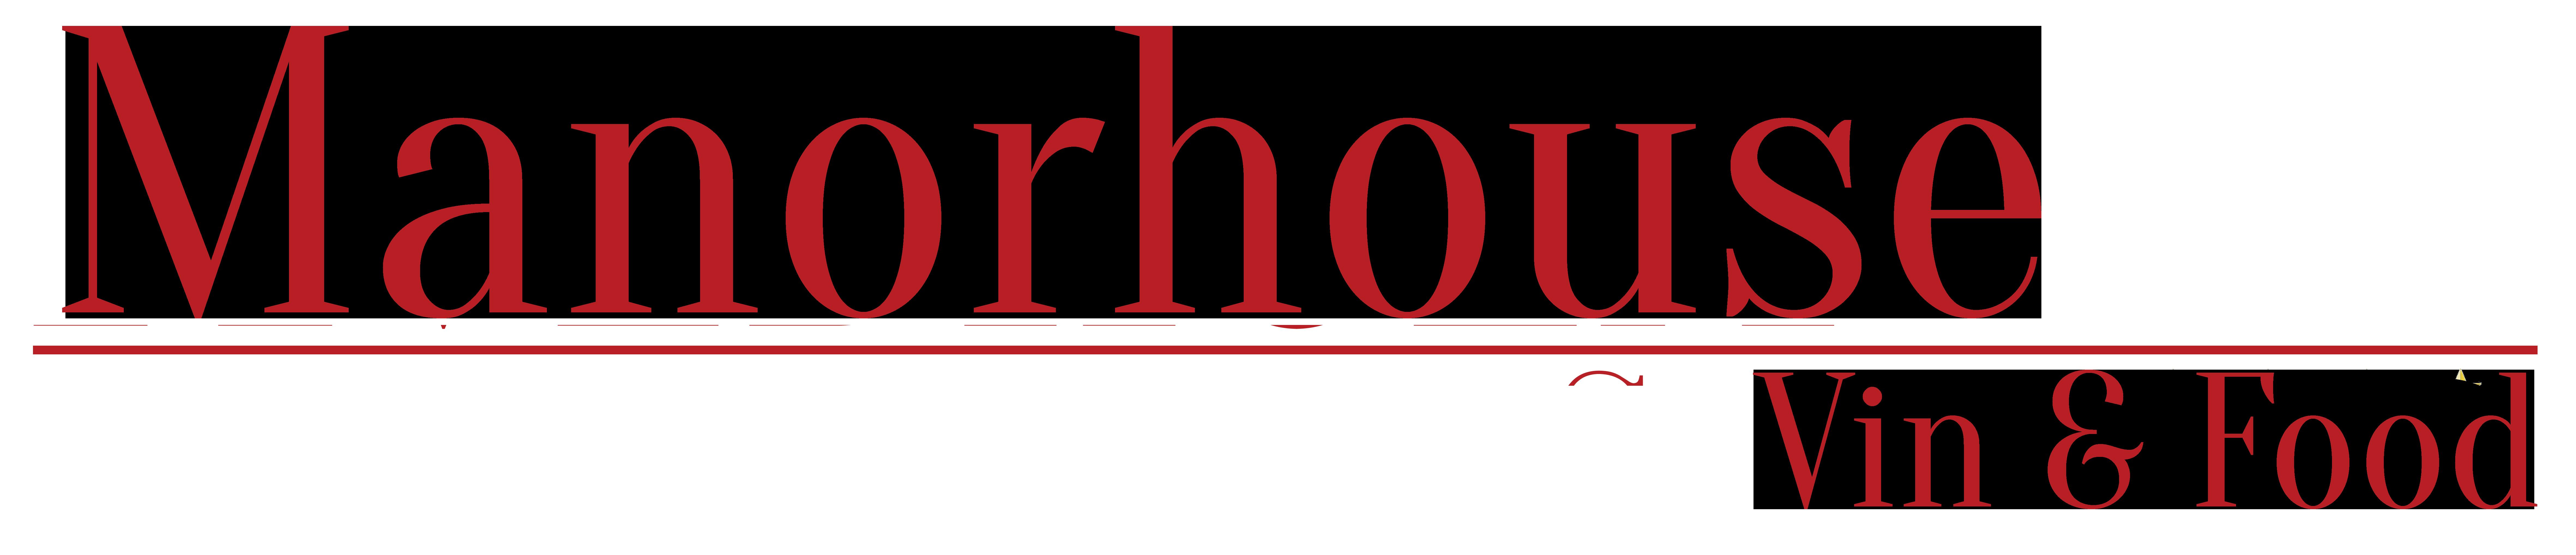 Manorhouse Vin & Food